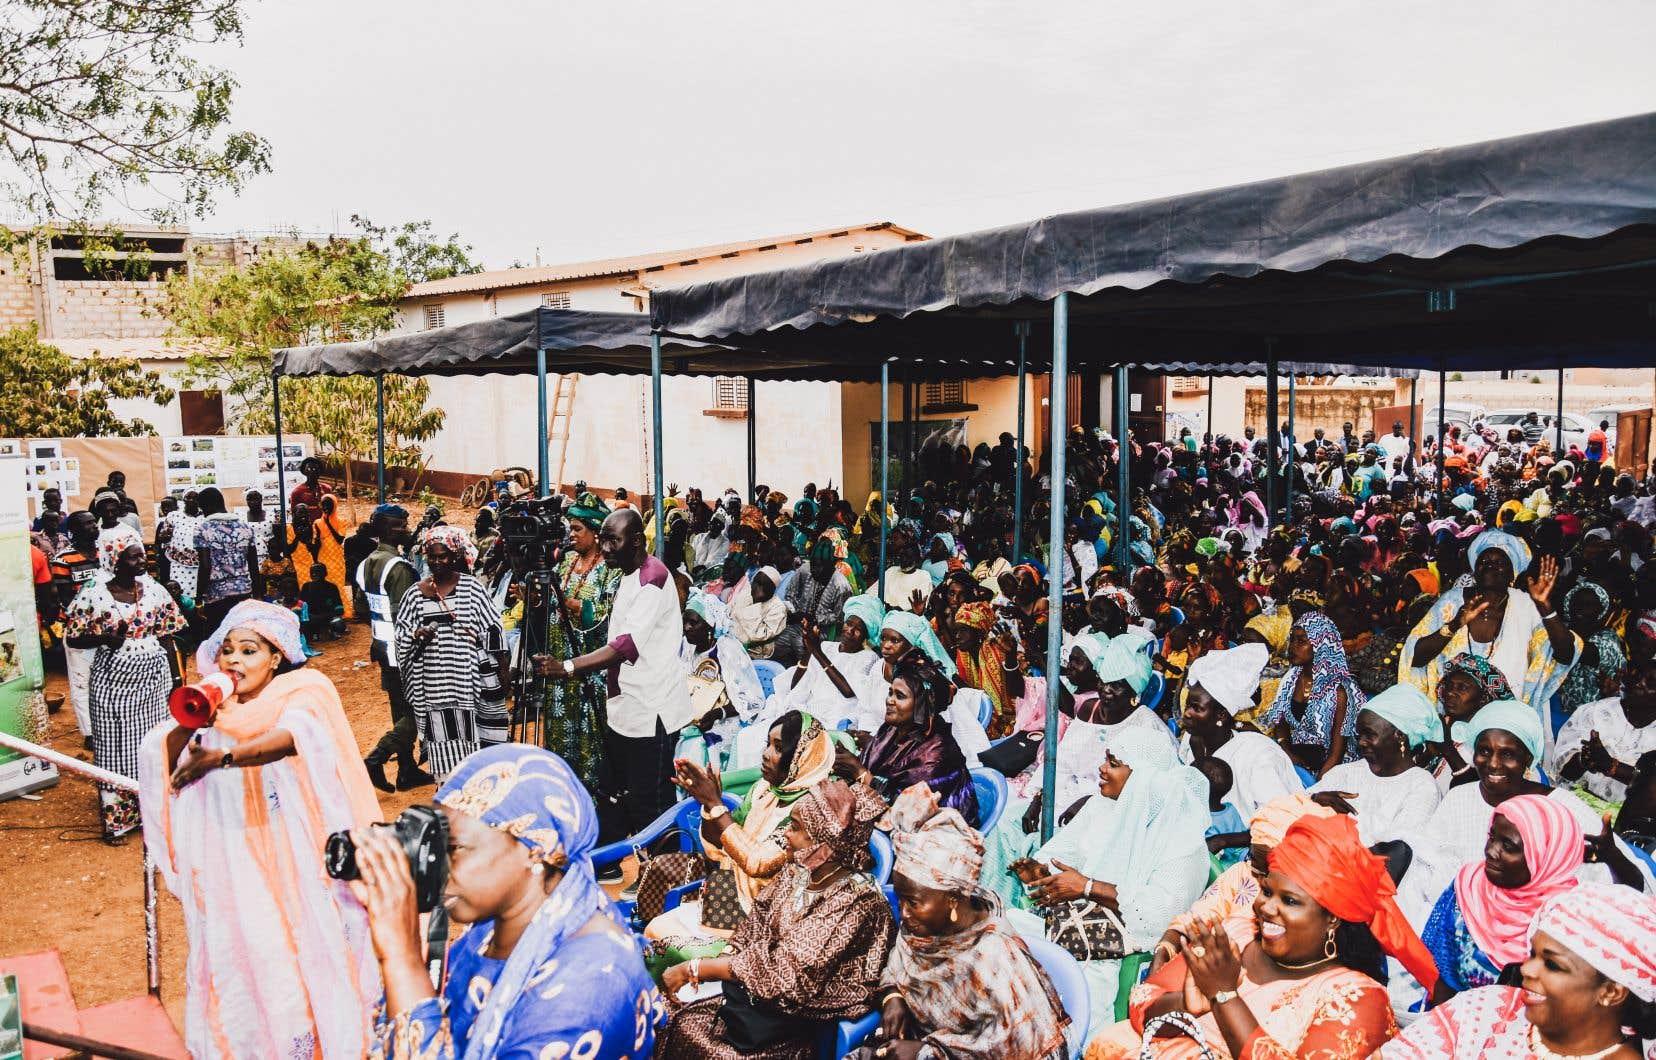 Des centaines de Sénégalaises manifestent leur joie lors de la cérémonie de lancement du projet Goutte à goutte. Cette forte mobilisation est le symbole d'un regain d'espoir pour ces agricultrices que  les changements climatiques ont conduites  à abandonner leurs terres depuis 2015.